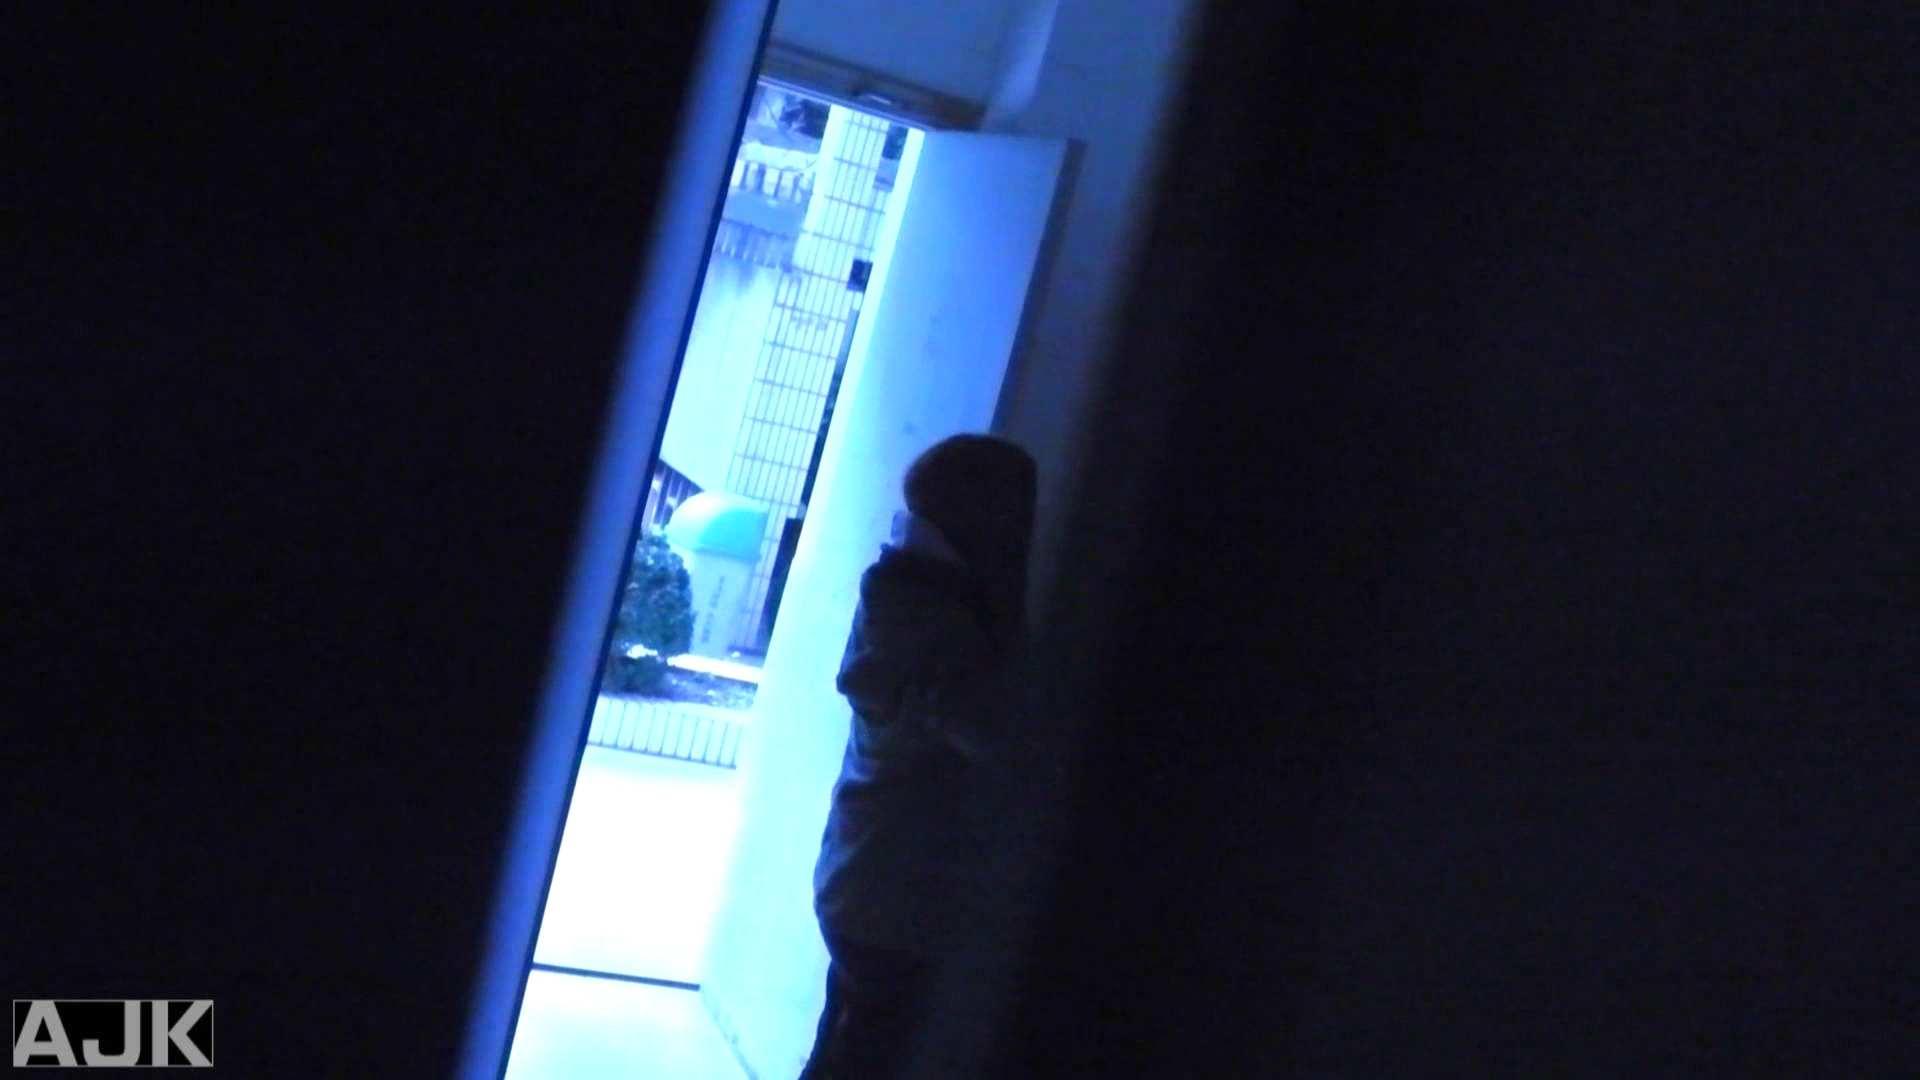 神降臨!史上最強の潜入かわや! vol.07 オマンコもろ 濡れ場動画紹介 83PIX 52